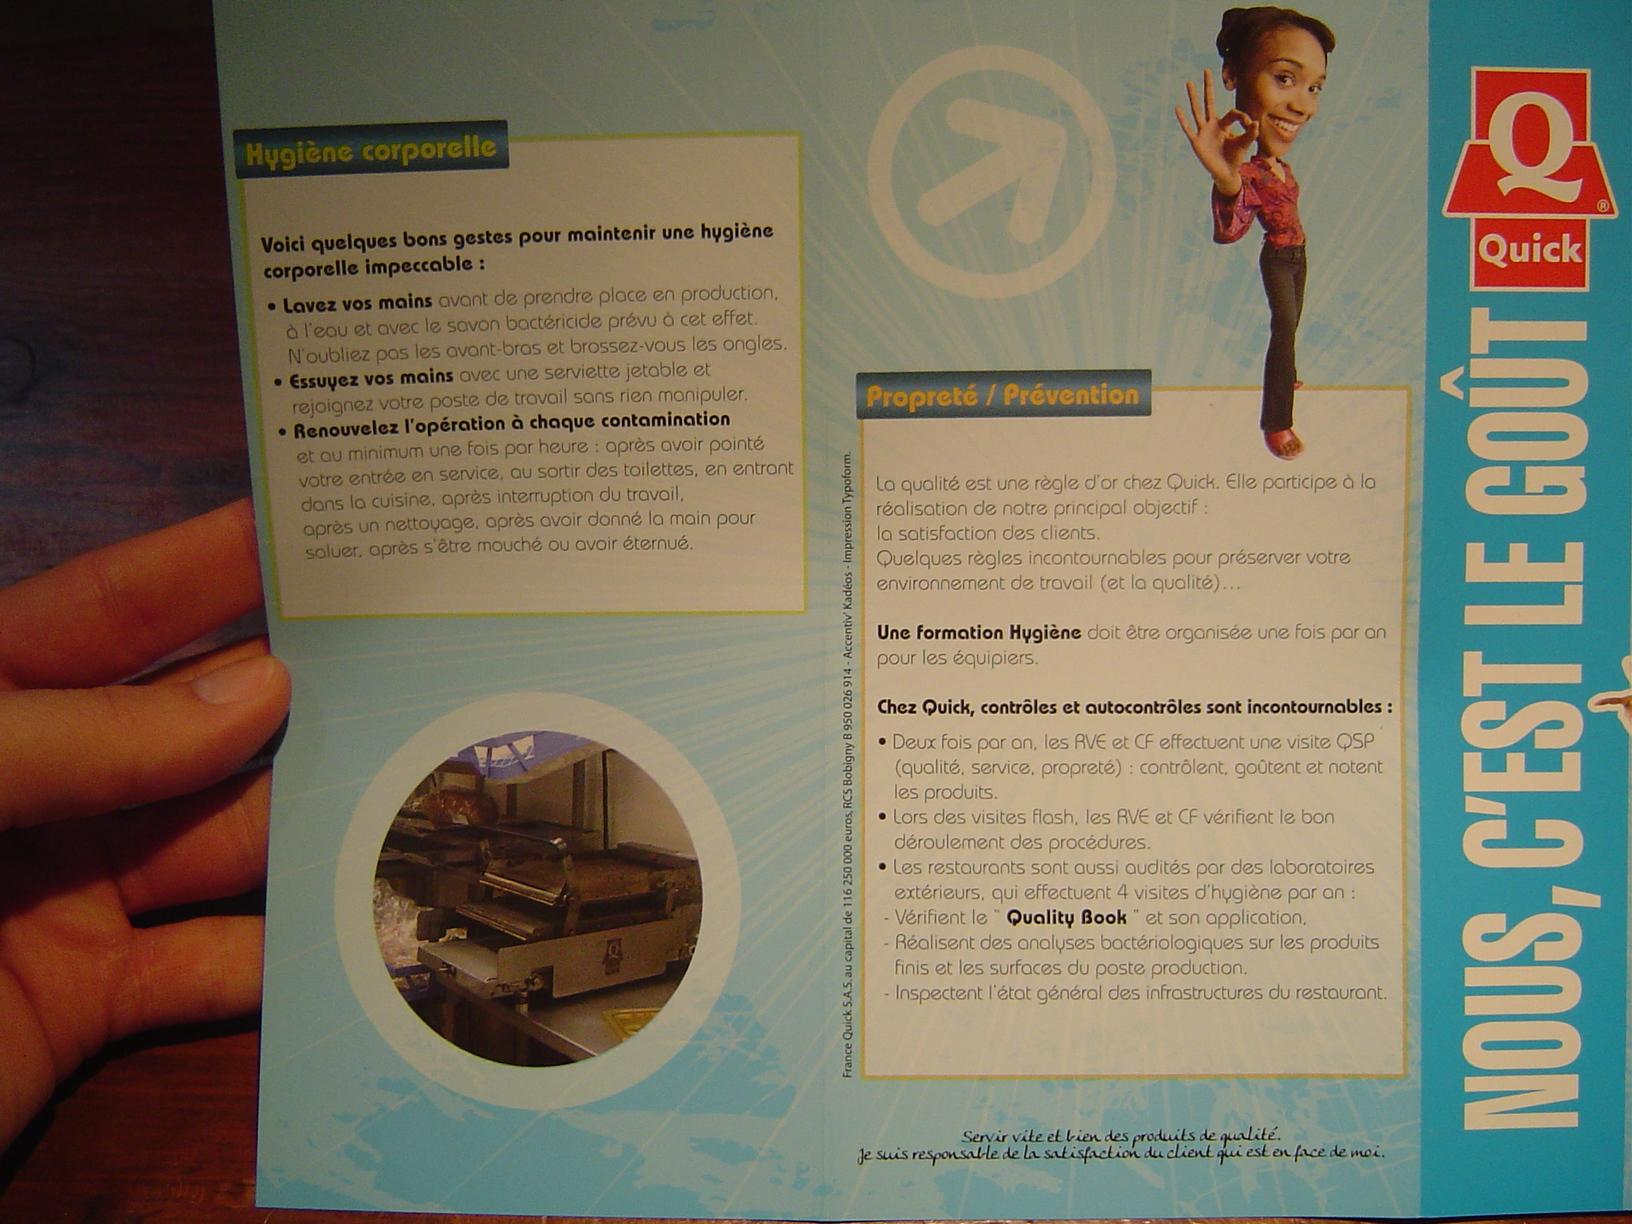 règles hygiène corporelle